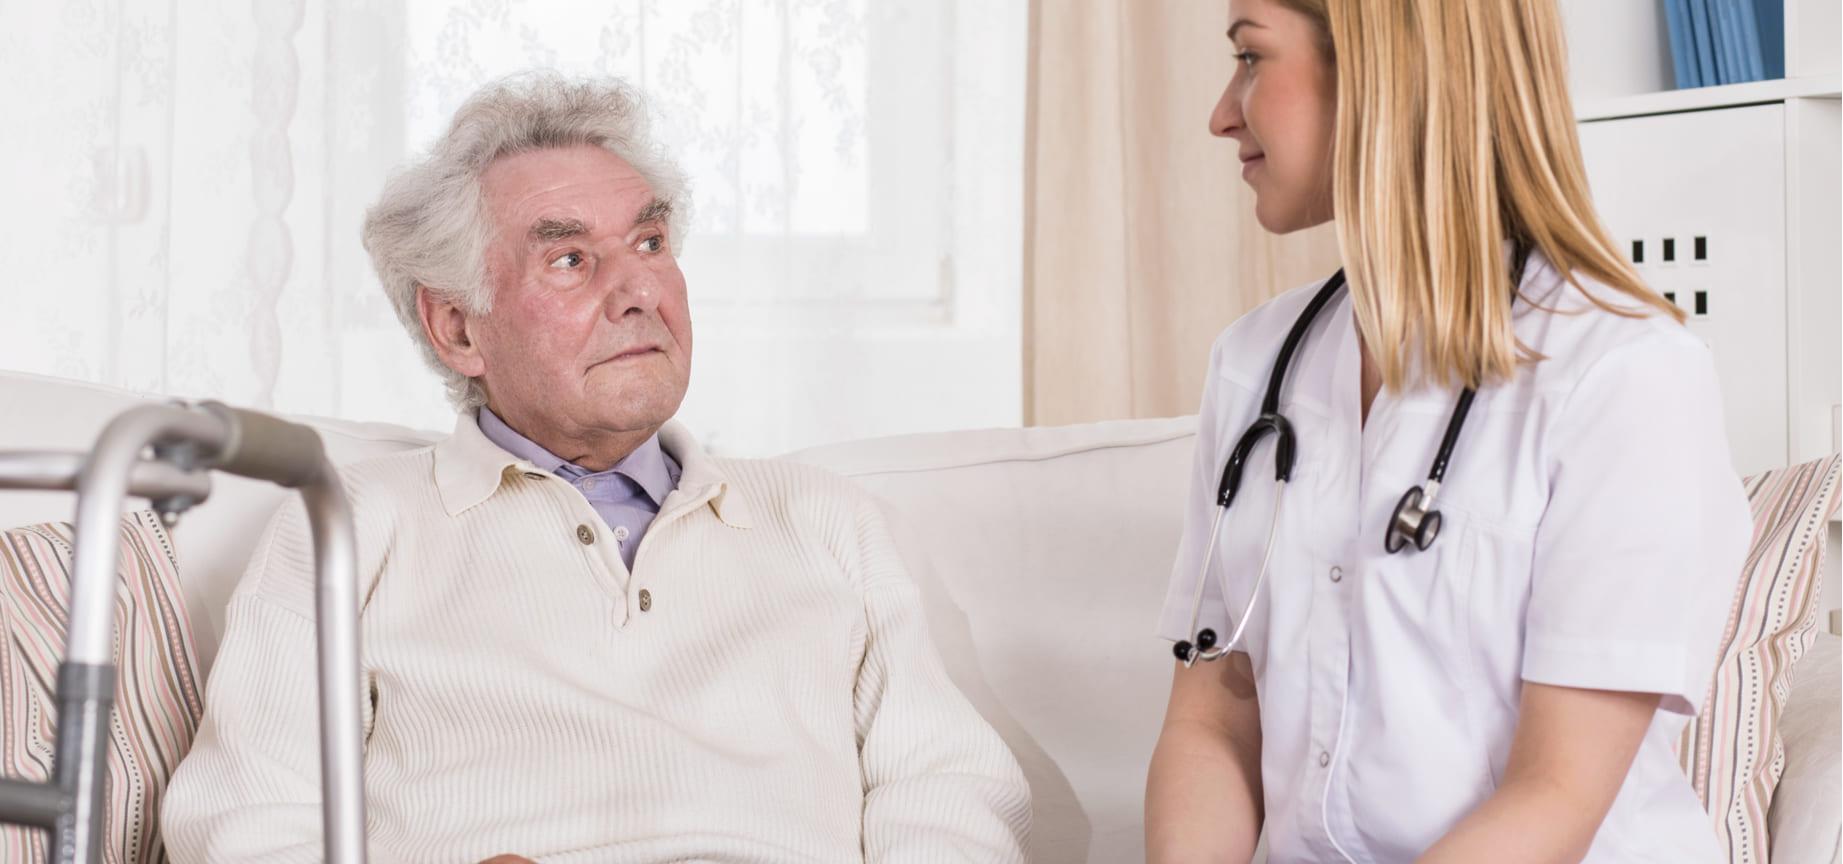 Evidencian presunta relación entre la insuficiencia cardíaca y el deterioro cognitivo